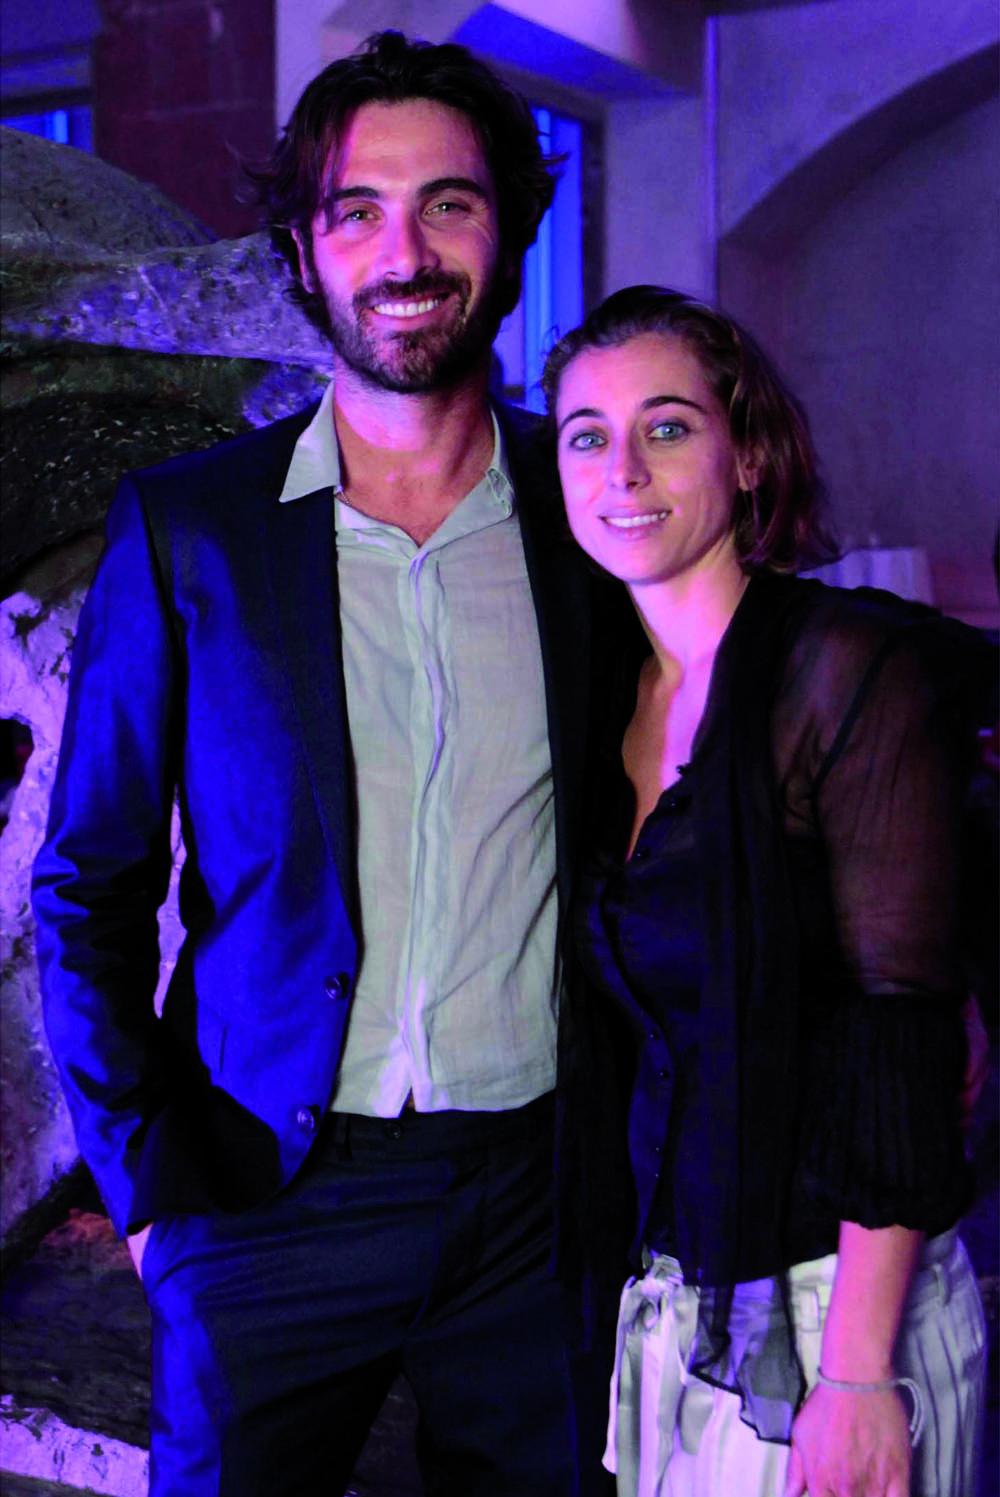 Pressphoto-Firenze  Museo Marini, Festa dell'antiquario Fabrizio Moretti per la biennale dell'antiquariato nella foto: Francesca Arena e Luca Argentero ??????????